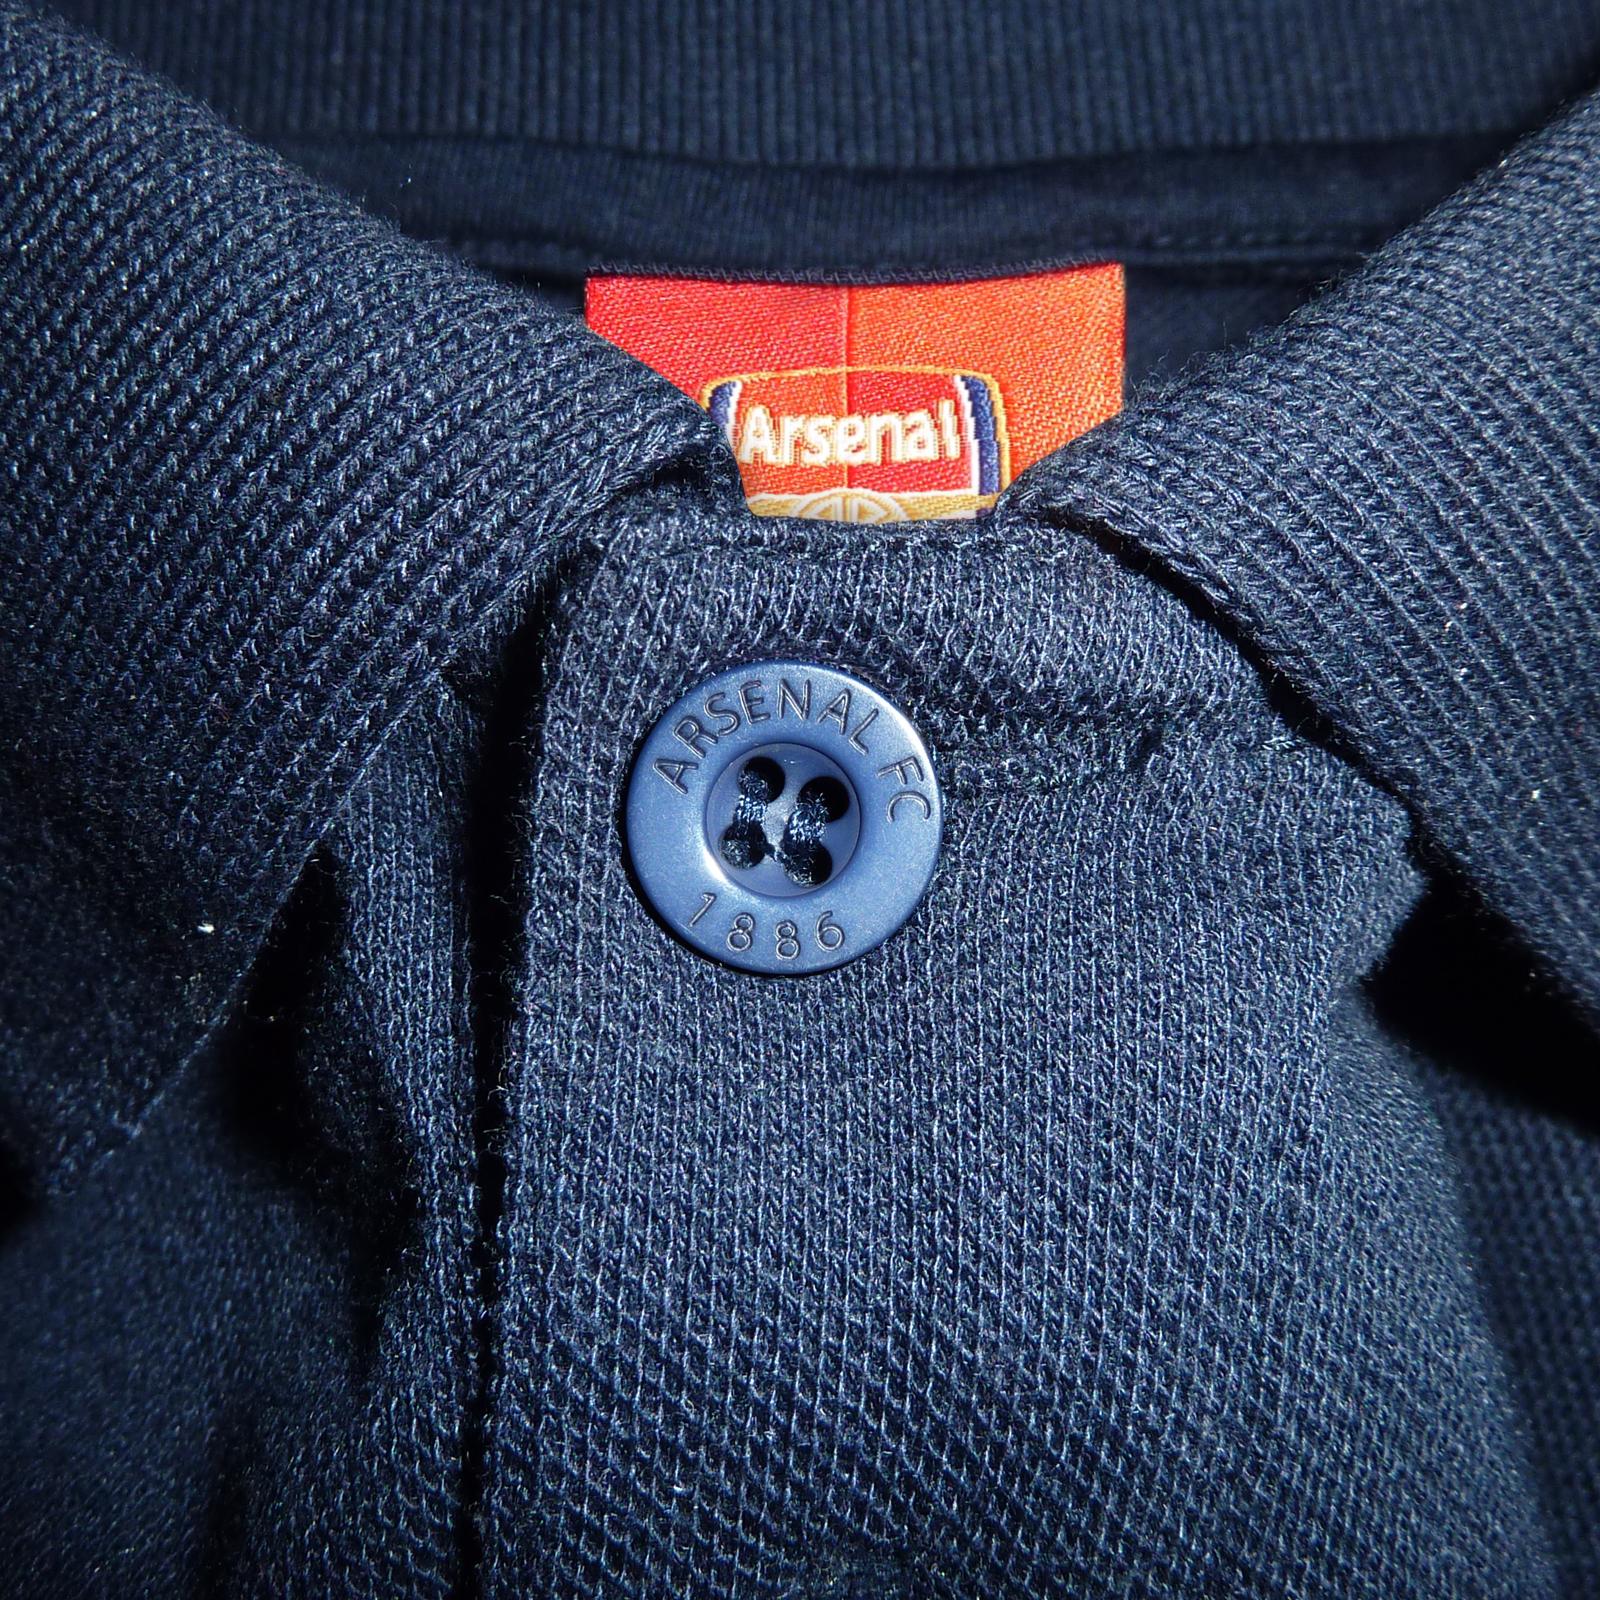 Arsenal Football Club Official Soccer Gift Kids Crest Long Sleeve Raglan T-Shirt